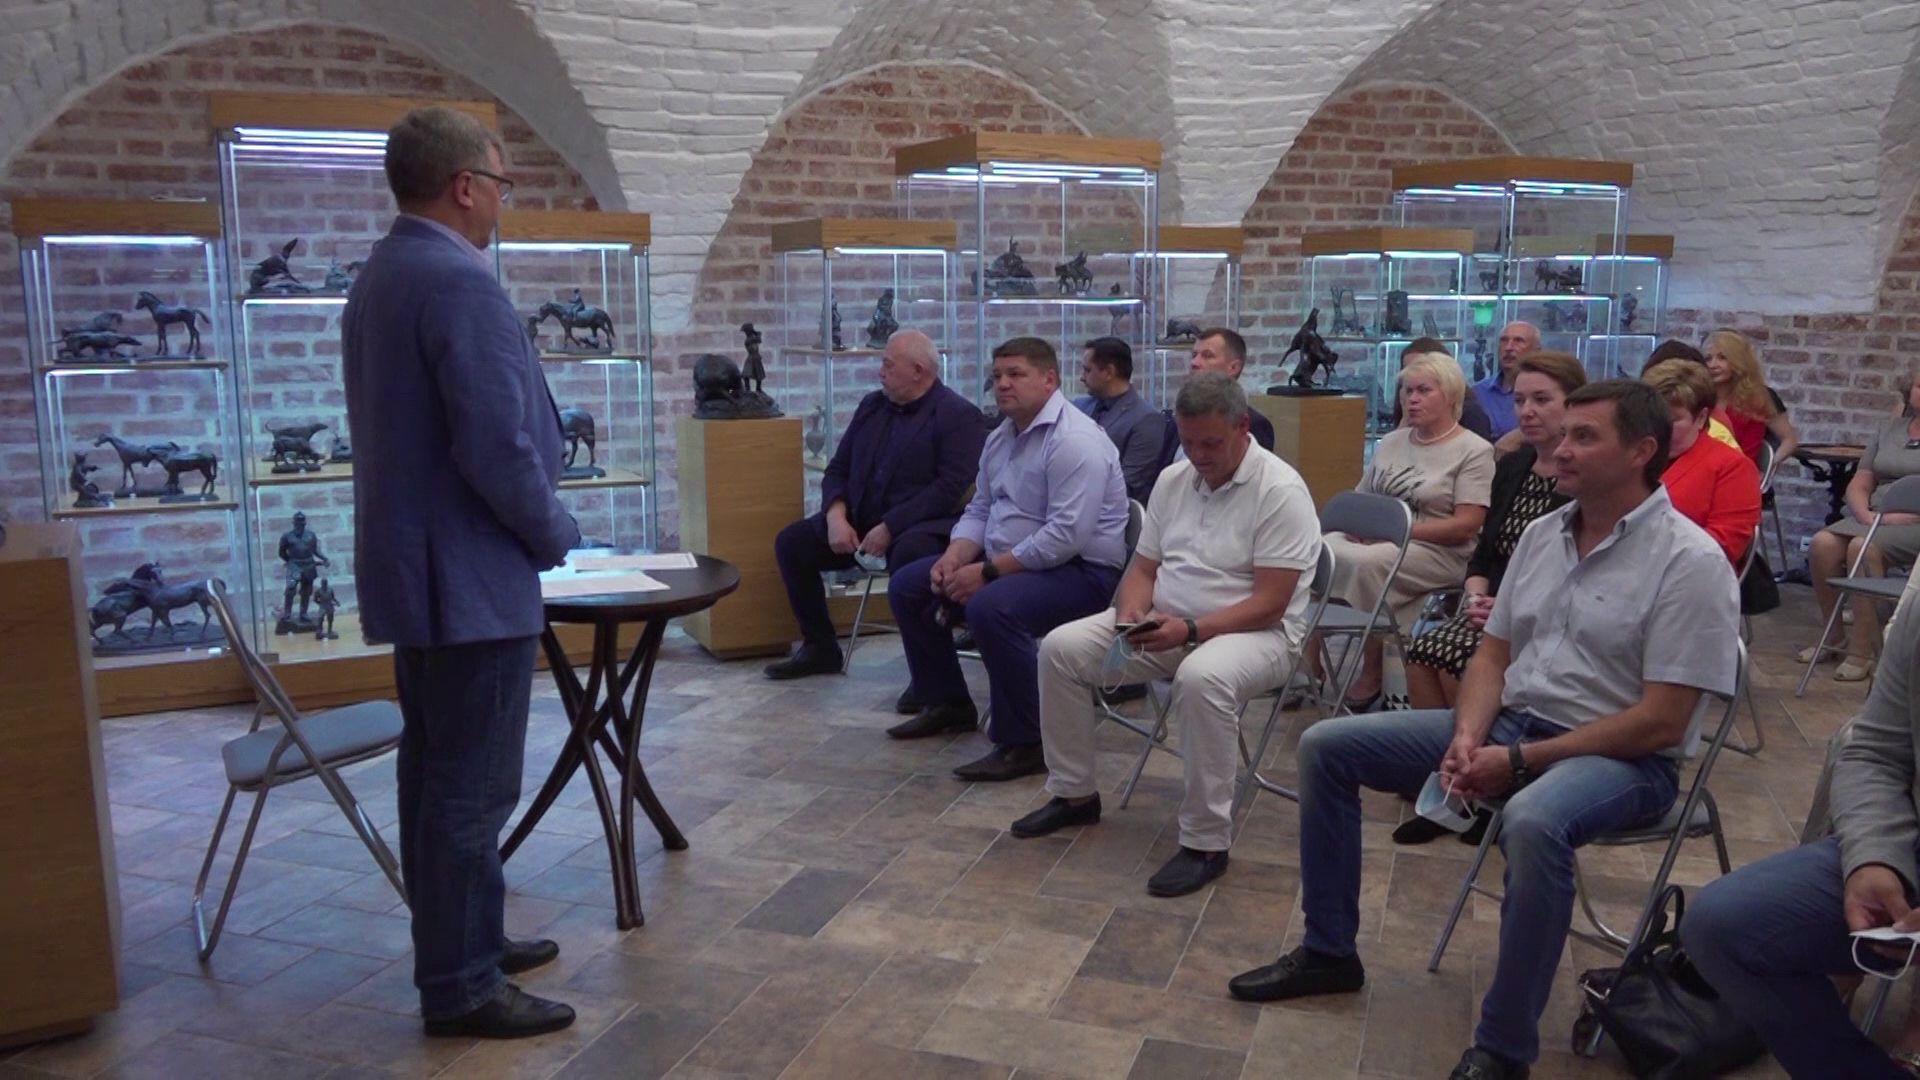 В Ярославле наградили волонтеров, которые помогали нуждающимся во время карантина